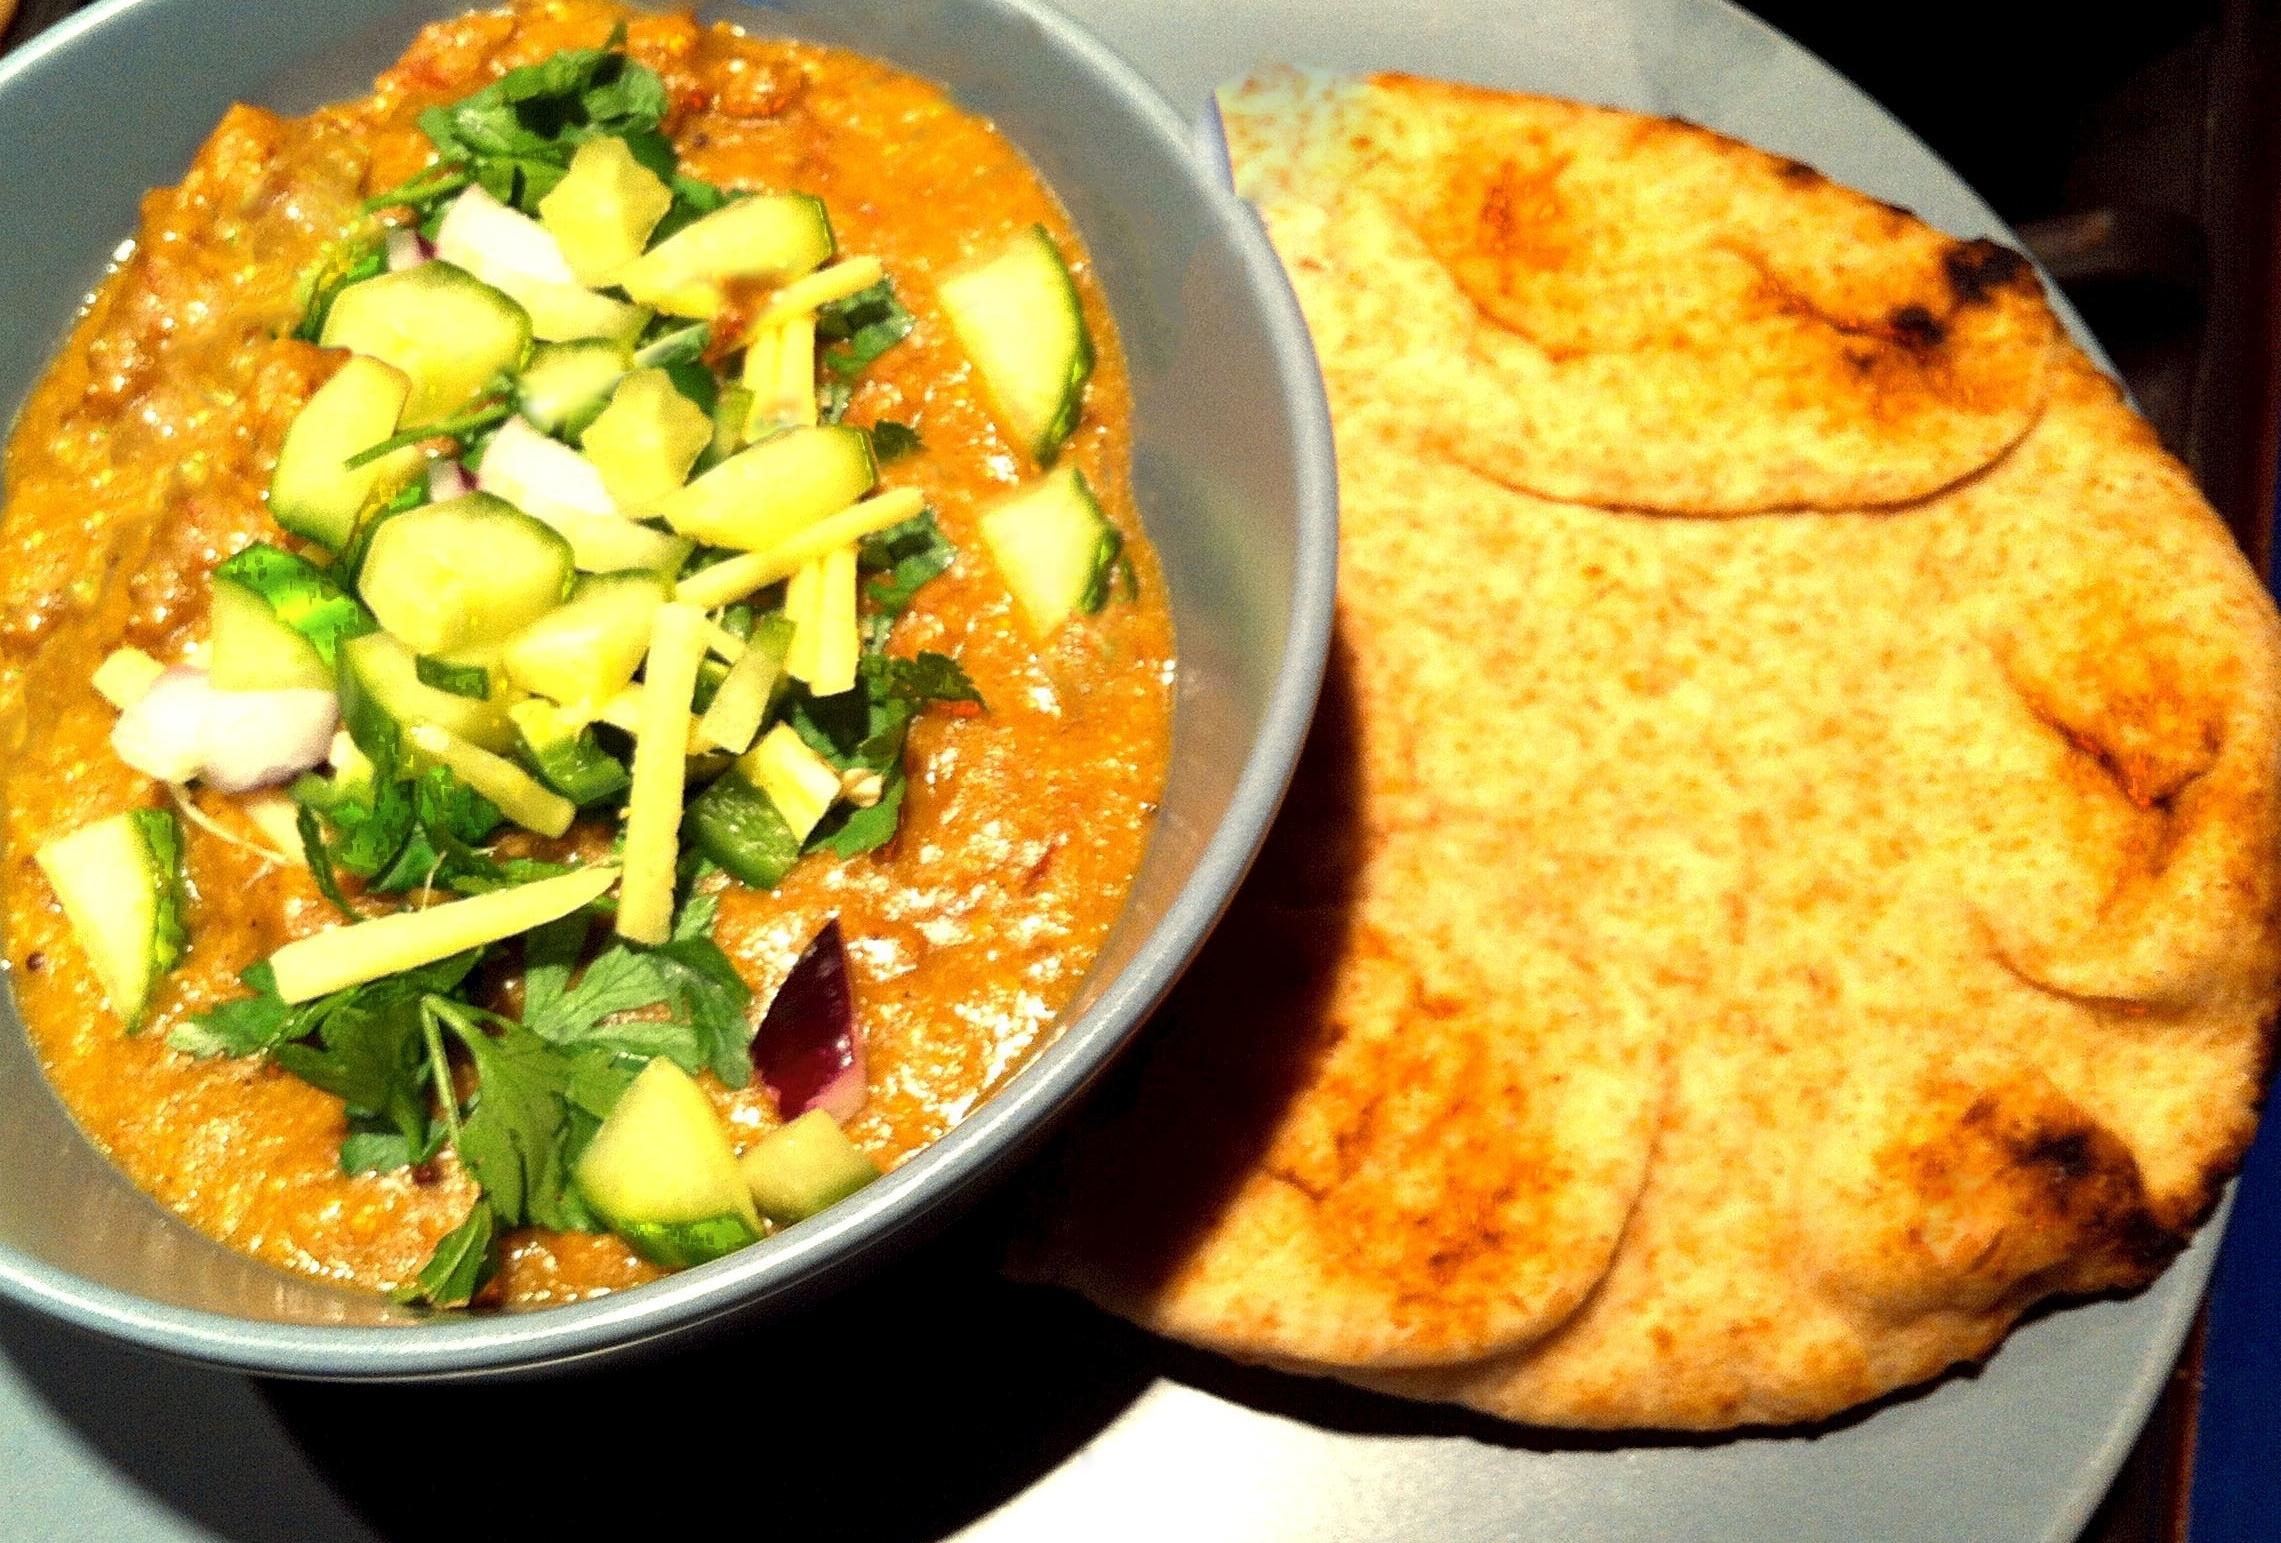 Haleem tastes delicious with naan bread